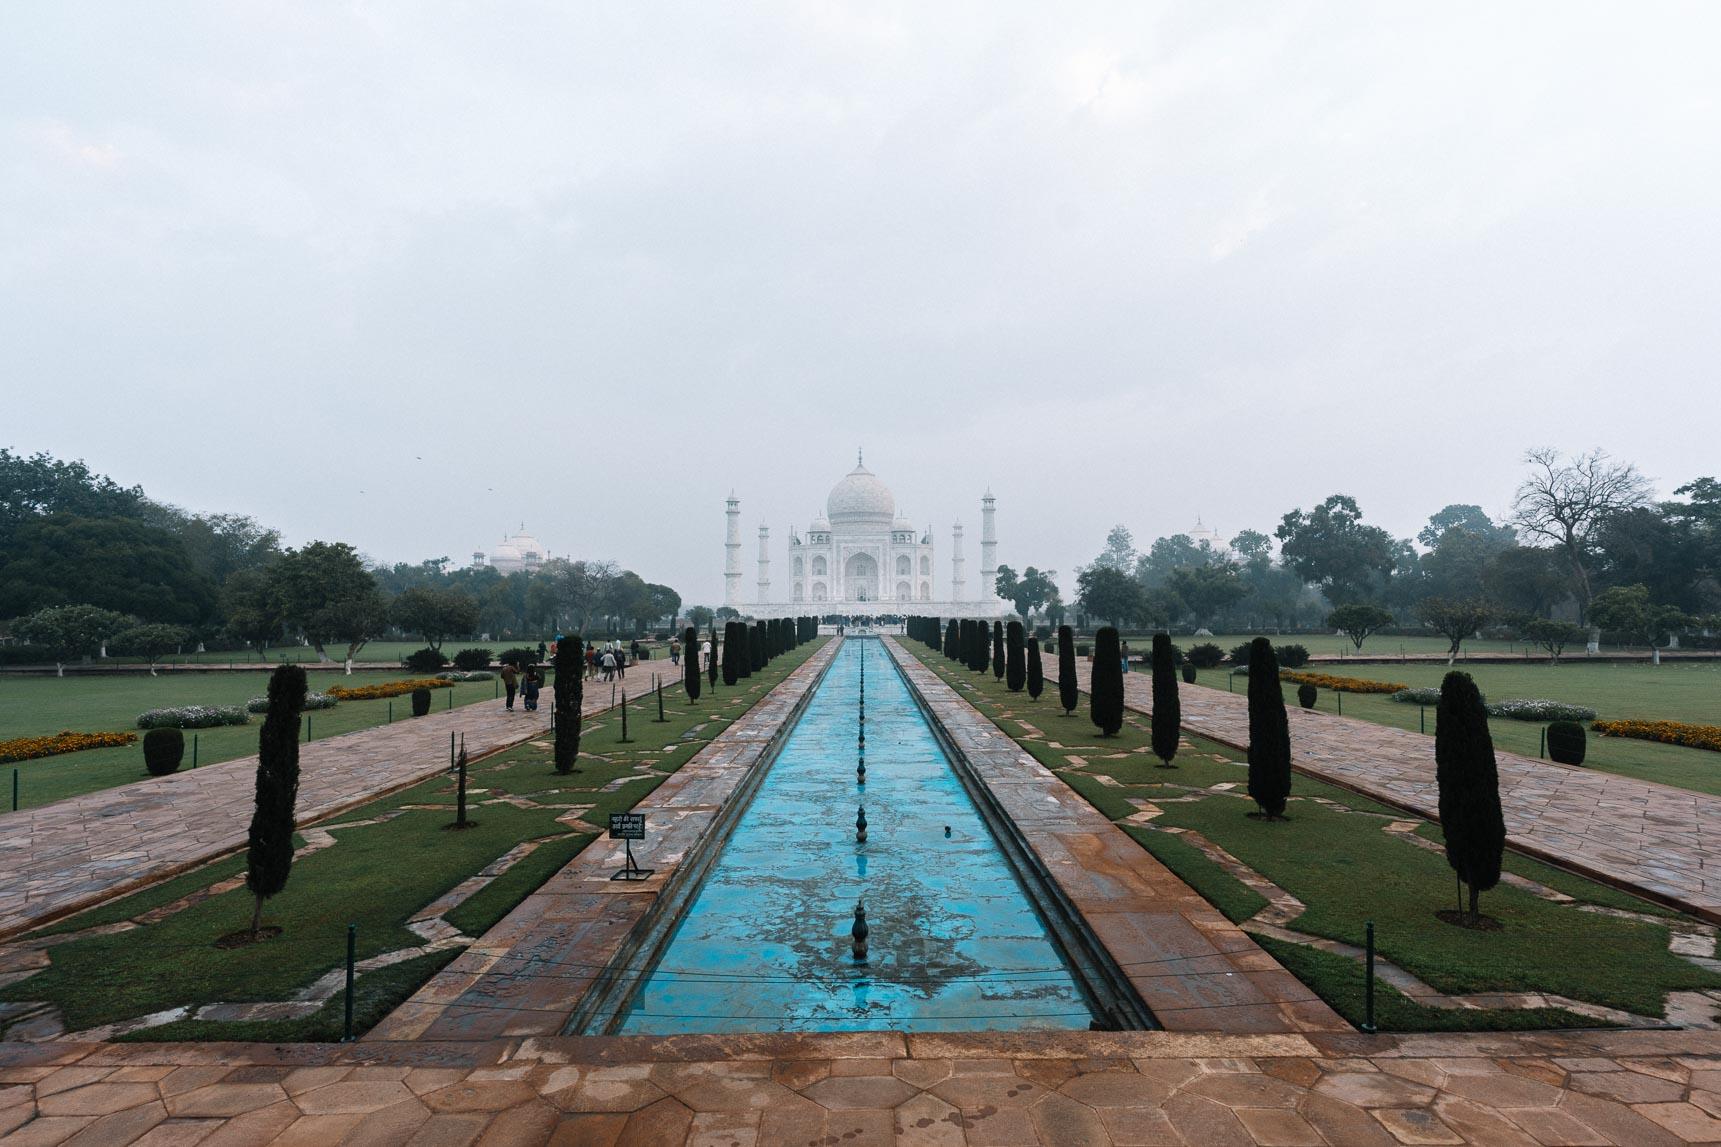 Der Brunnen vor dem Taj Mahal in Indien.